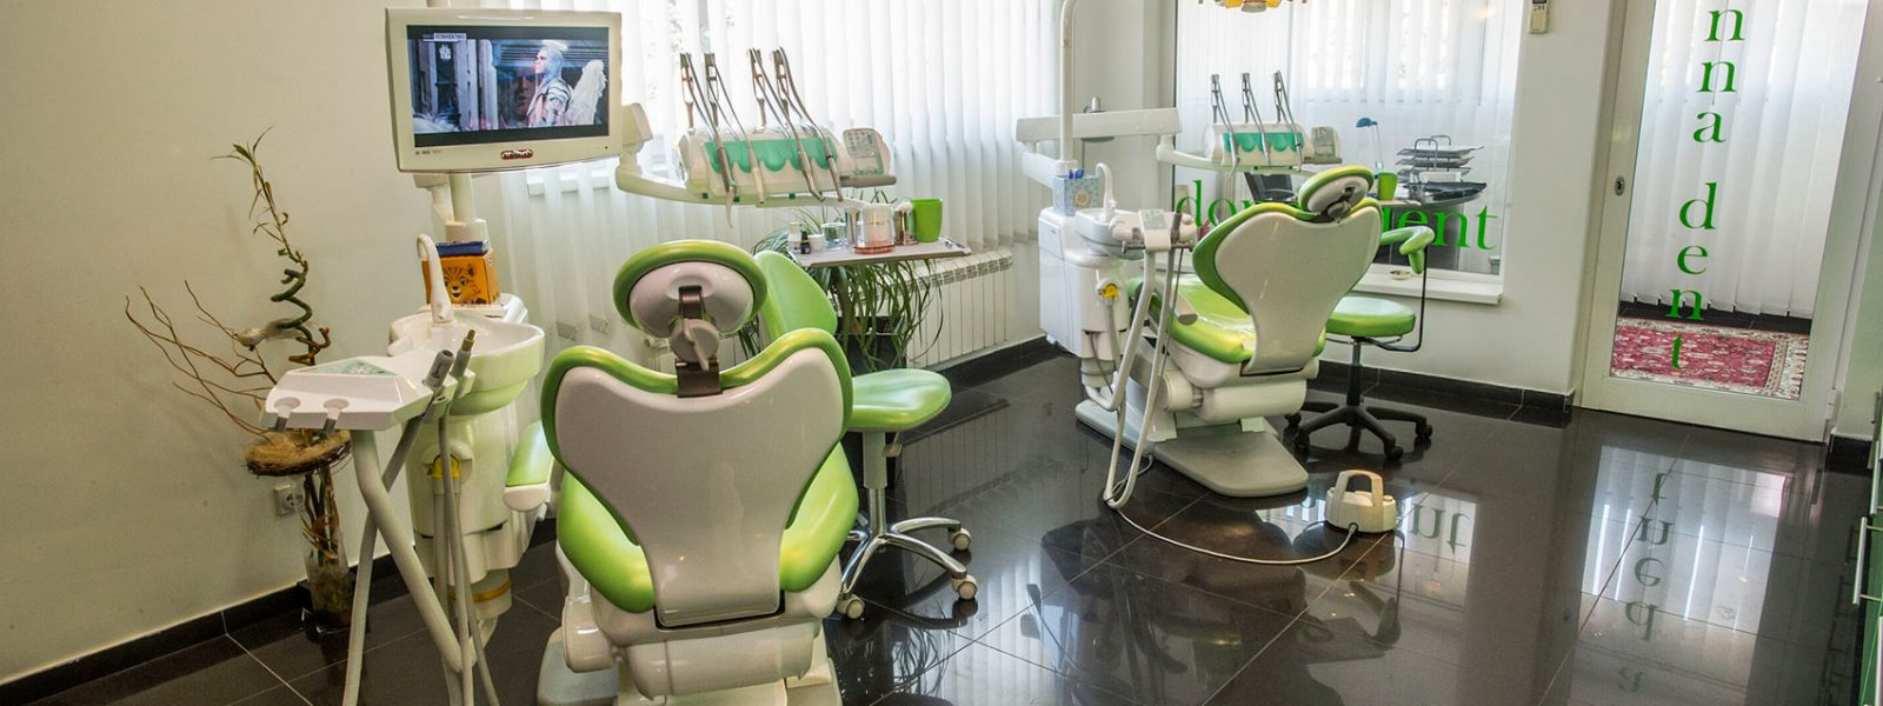 Ordinacija Donna Dent - stolice za pacijente i oprema